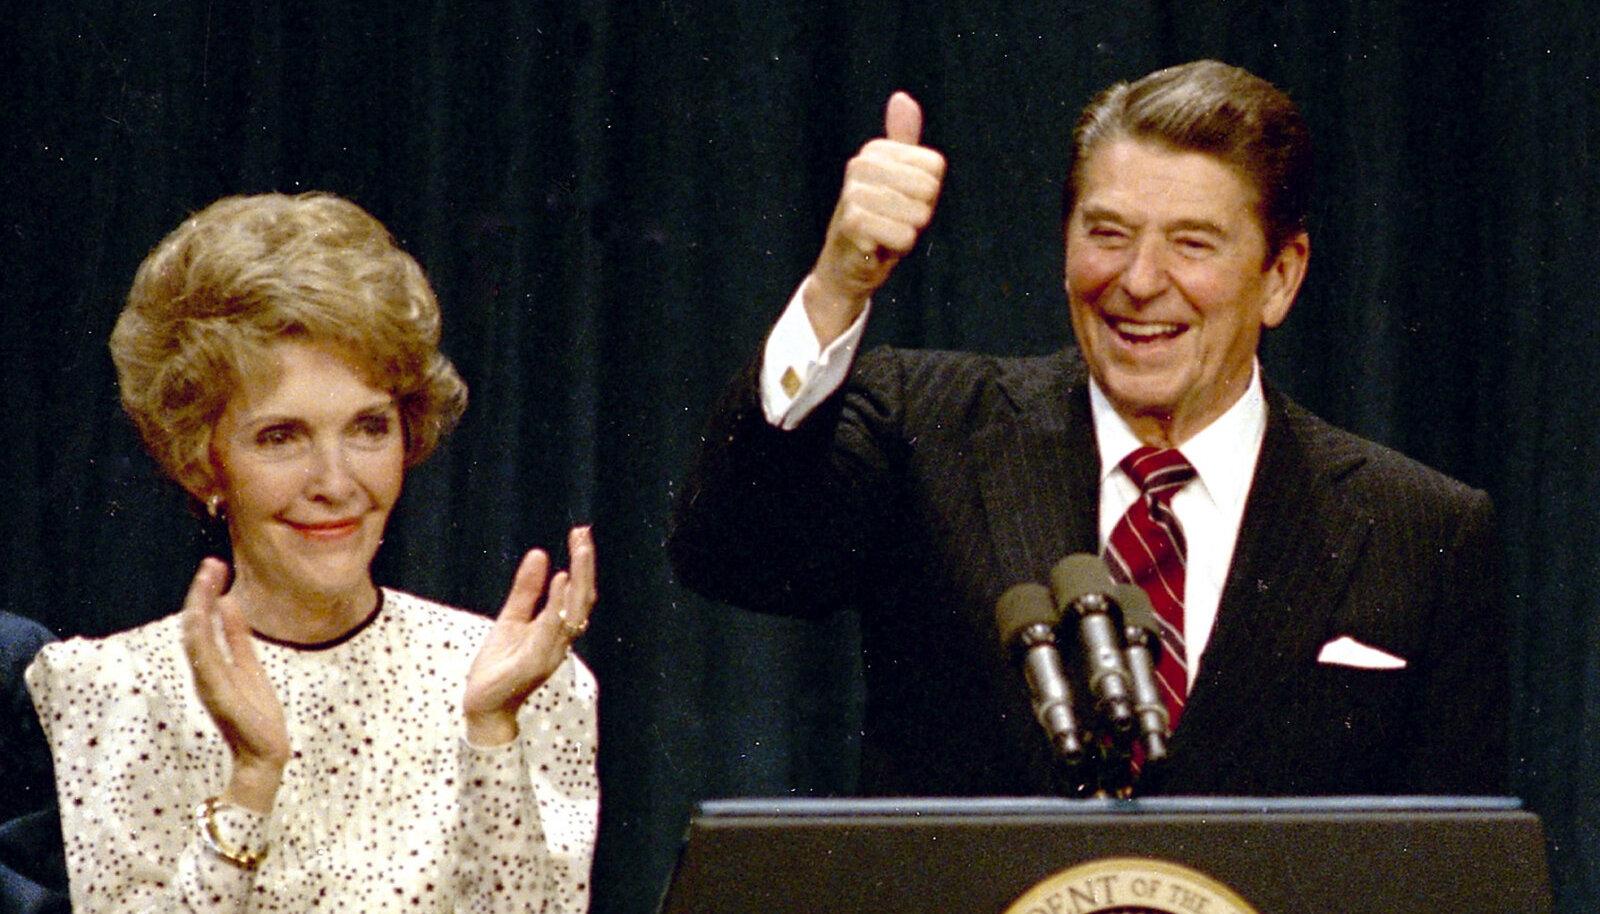 Рональд Рейган с женой Нэнси после переизбрания на второй срок в ноябре 1984 года